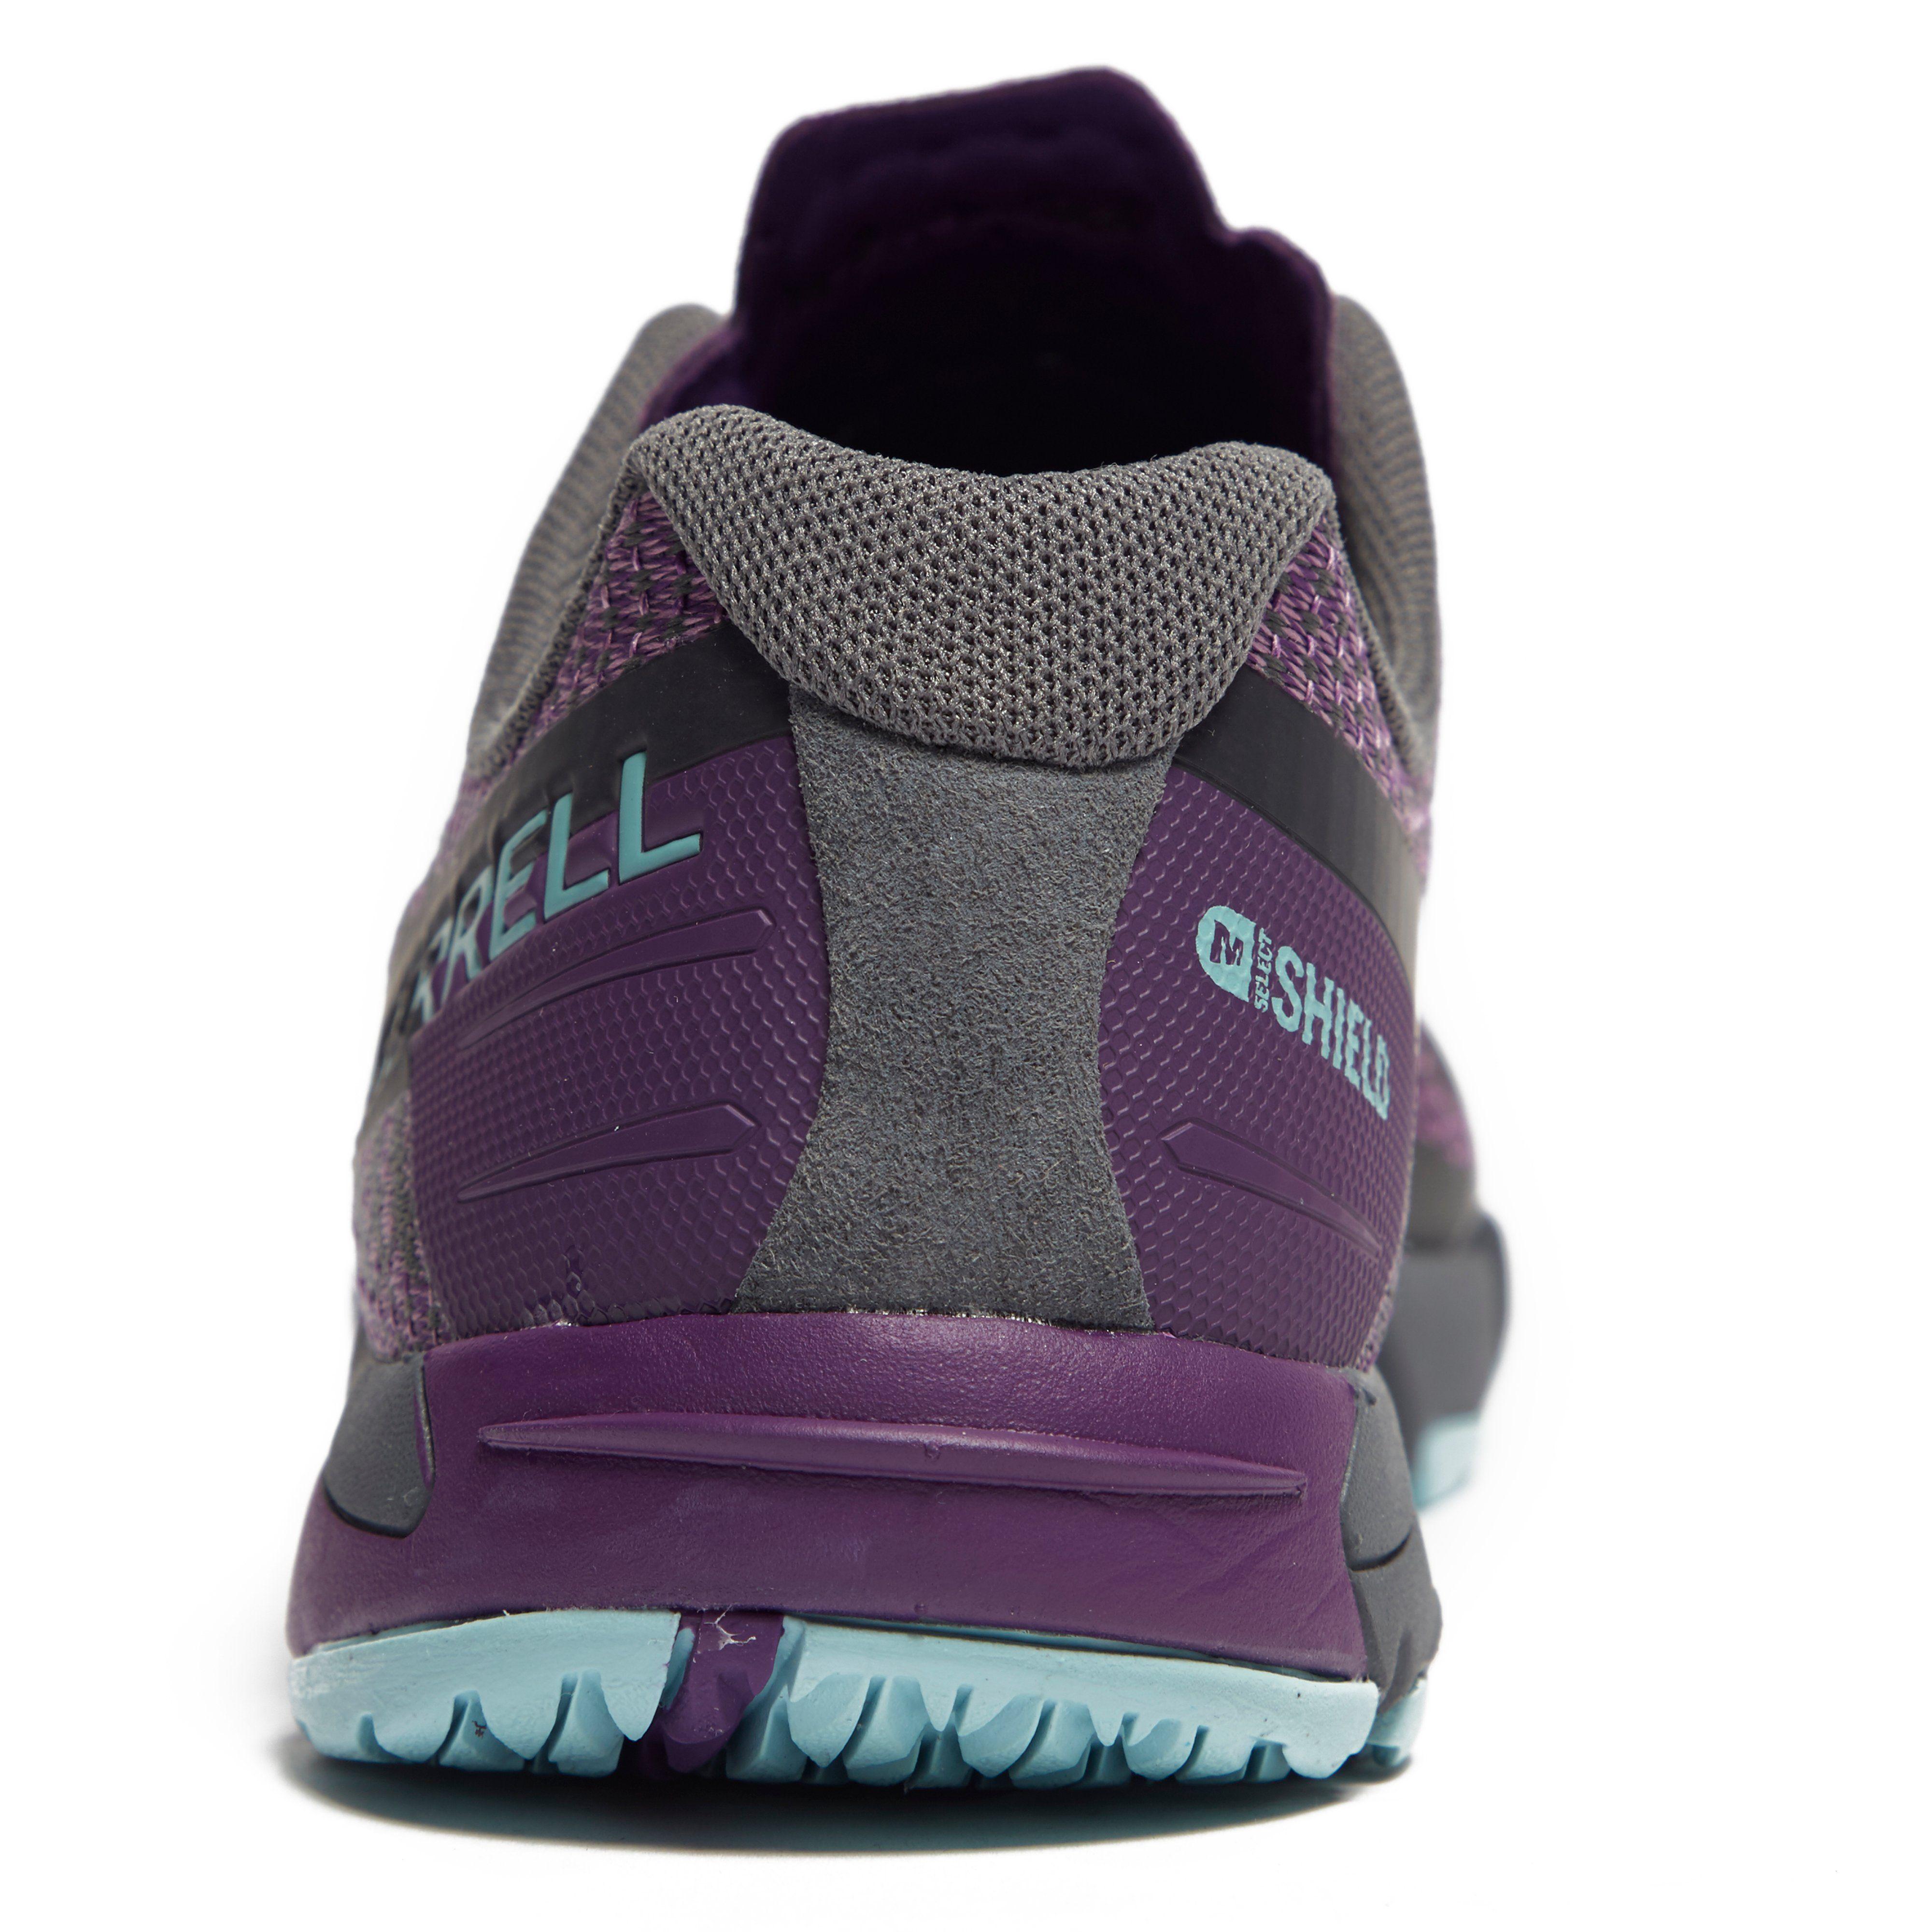 Merrell Bare Access Flex Shield Women's Trail Running Shoes